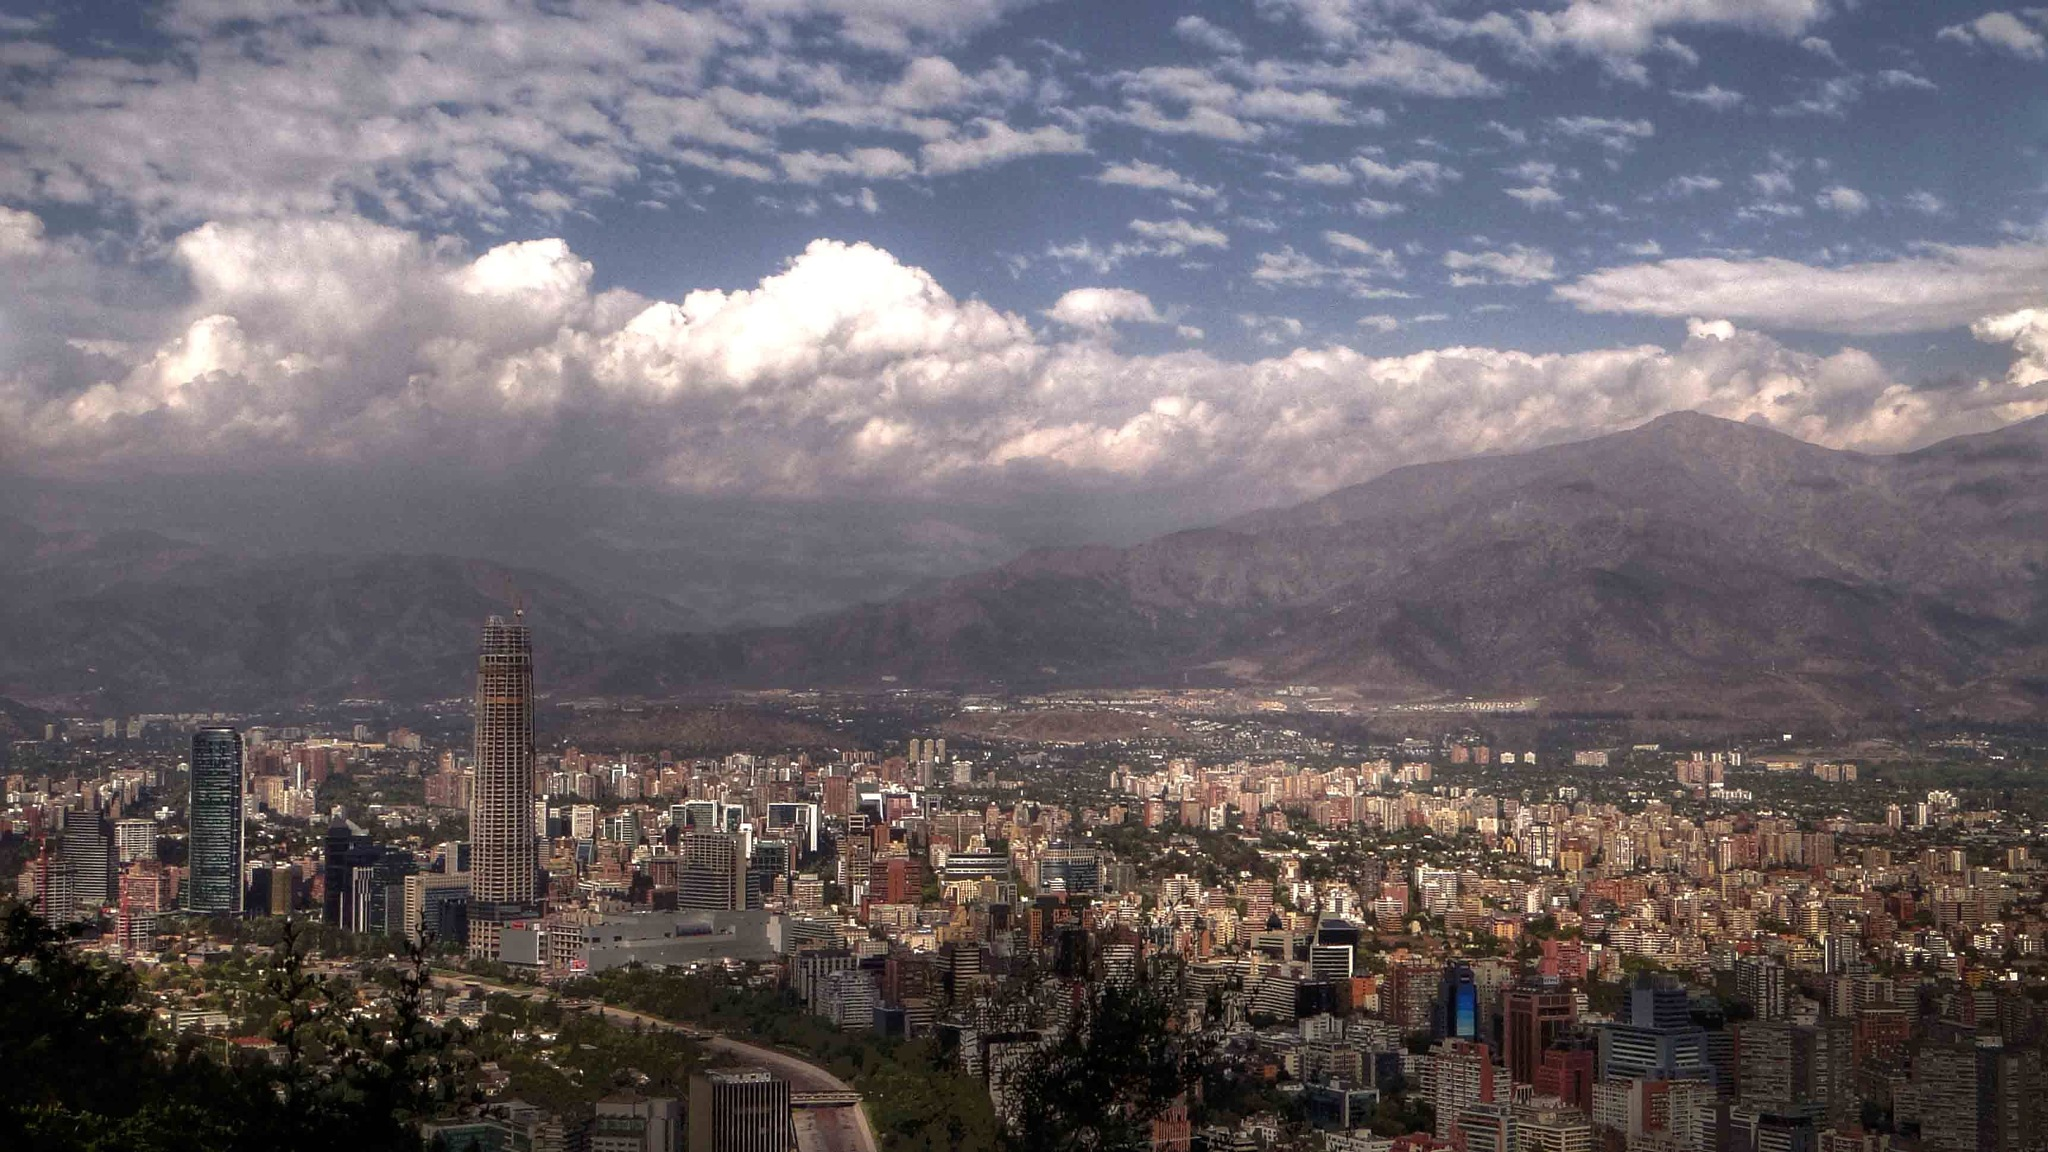 (0979) Santiago desde la cima del cerro San Cristóbal, Chile by Patricio Cabezas